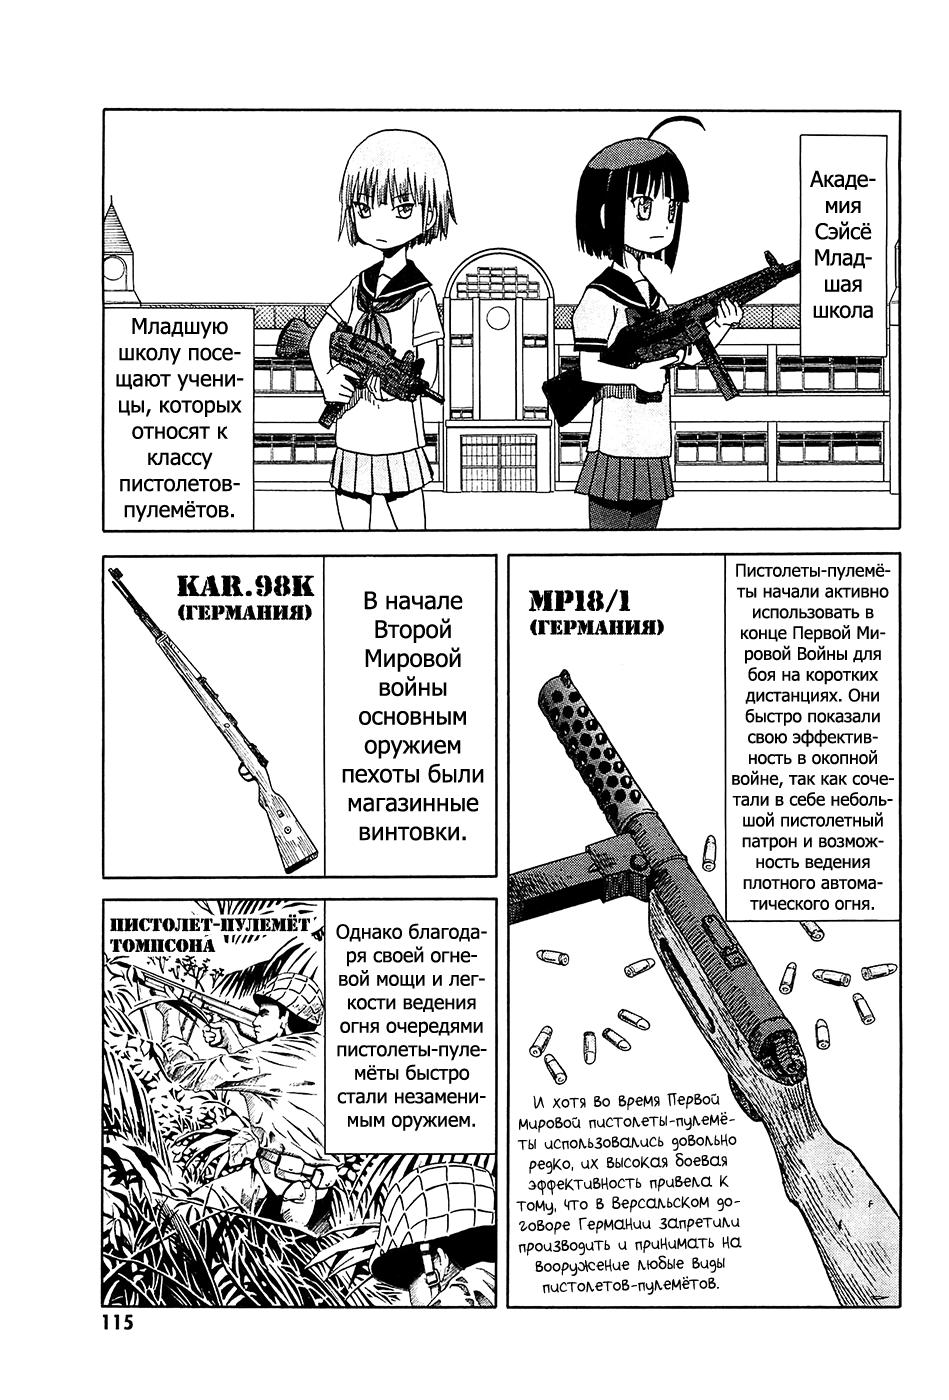 https://r2.ninemanga.com/comics/pic4/34/38242/1365515/1560210182518.png Page 5